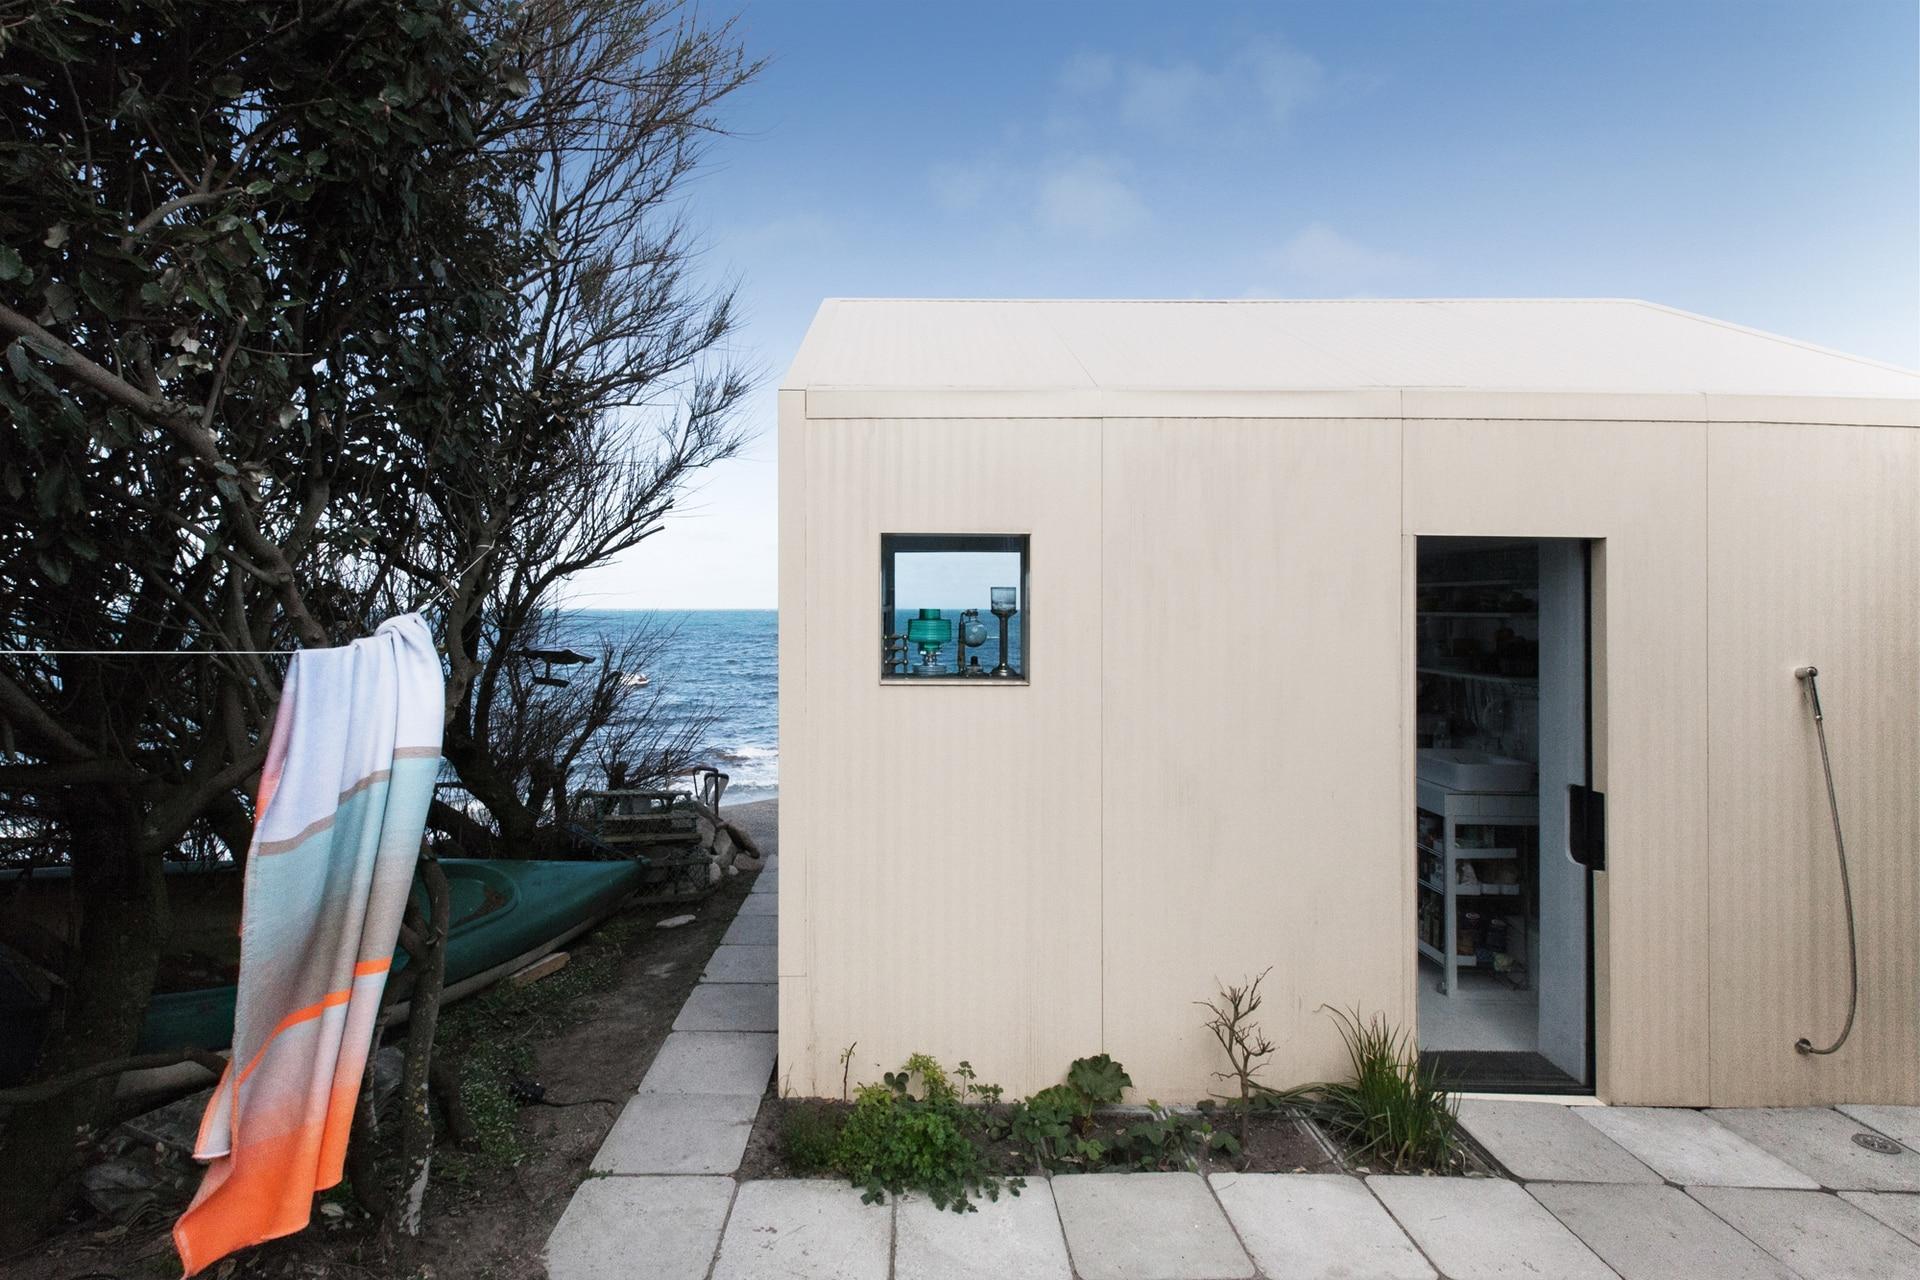 Para cubrir la vieja estructura de cemento se usaron placas de chapa acanalada color champagne con aislante. El clima dirá si es un buen día para usar la ducha al aire libre o la que está conectada en el mismo lugar, pero en el interior.